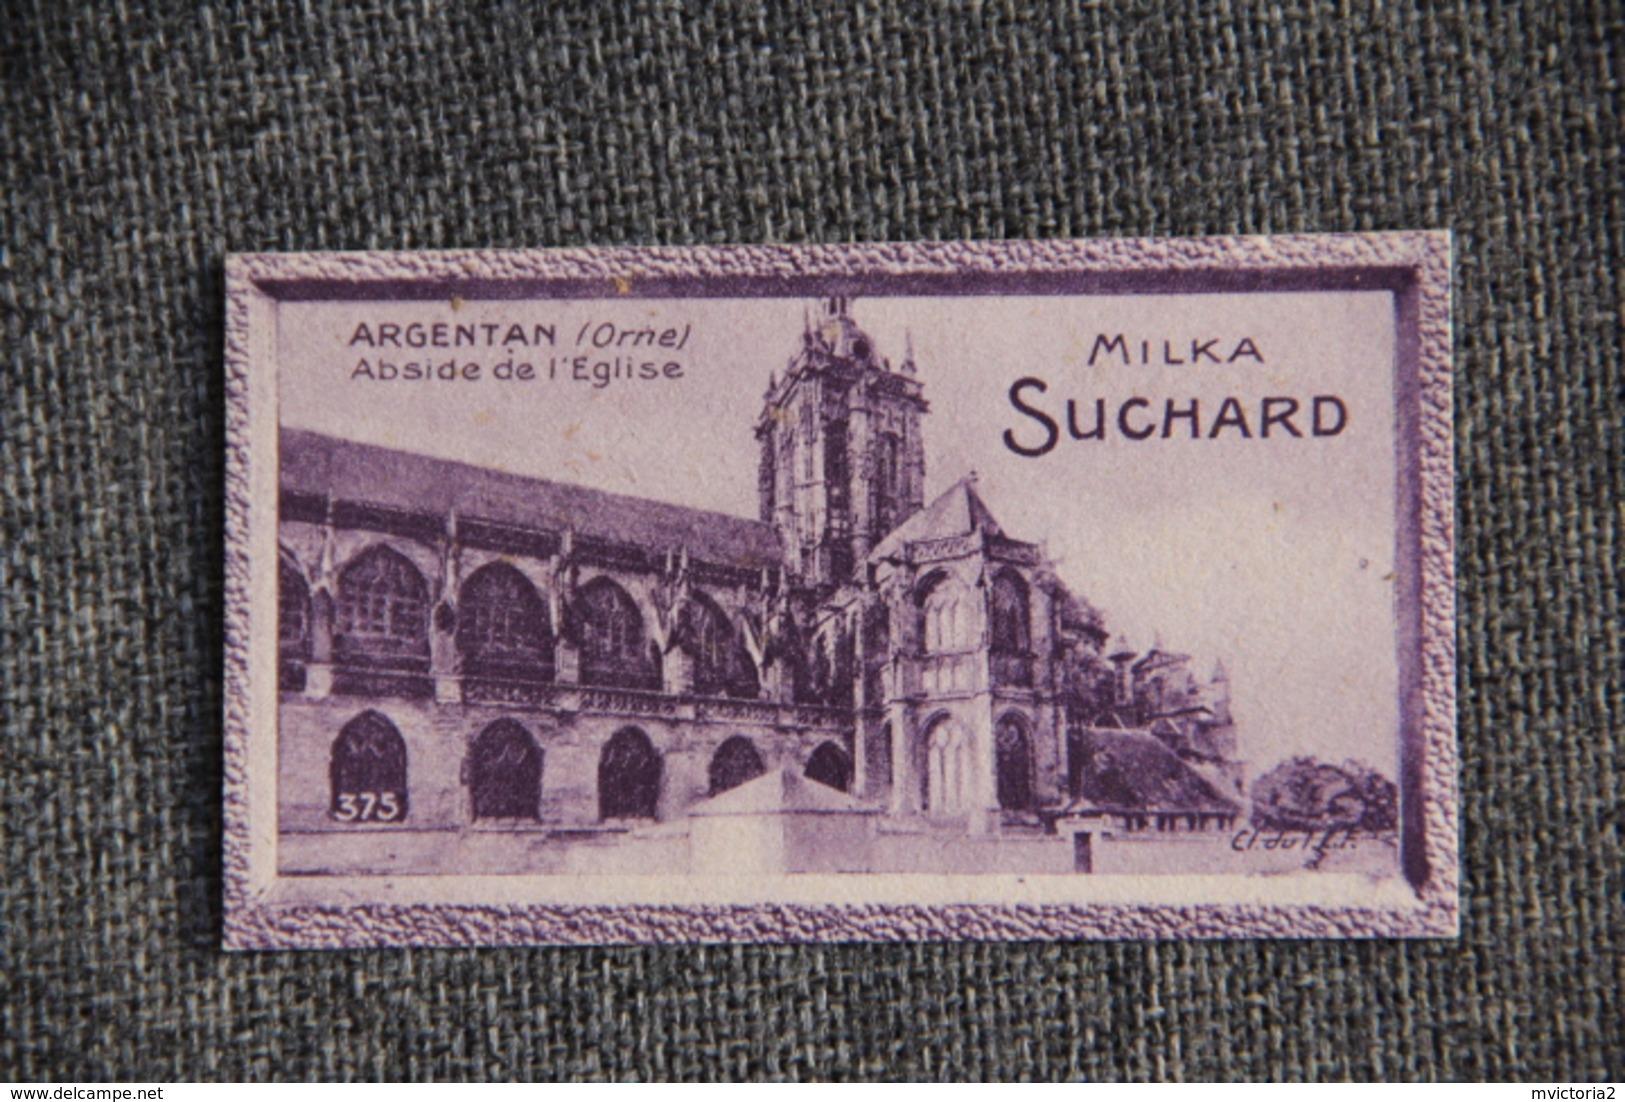 ARGENTAN - MILKA SUCHARD - Suchard